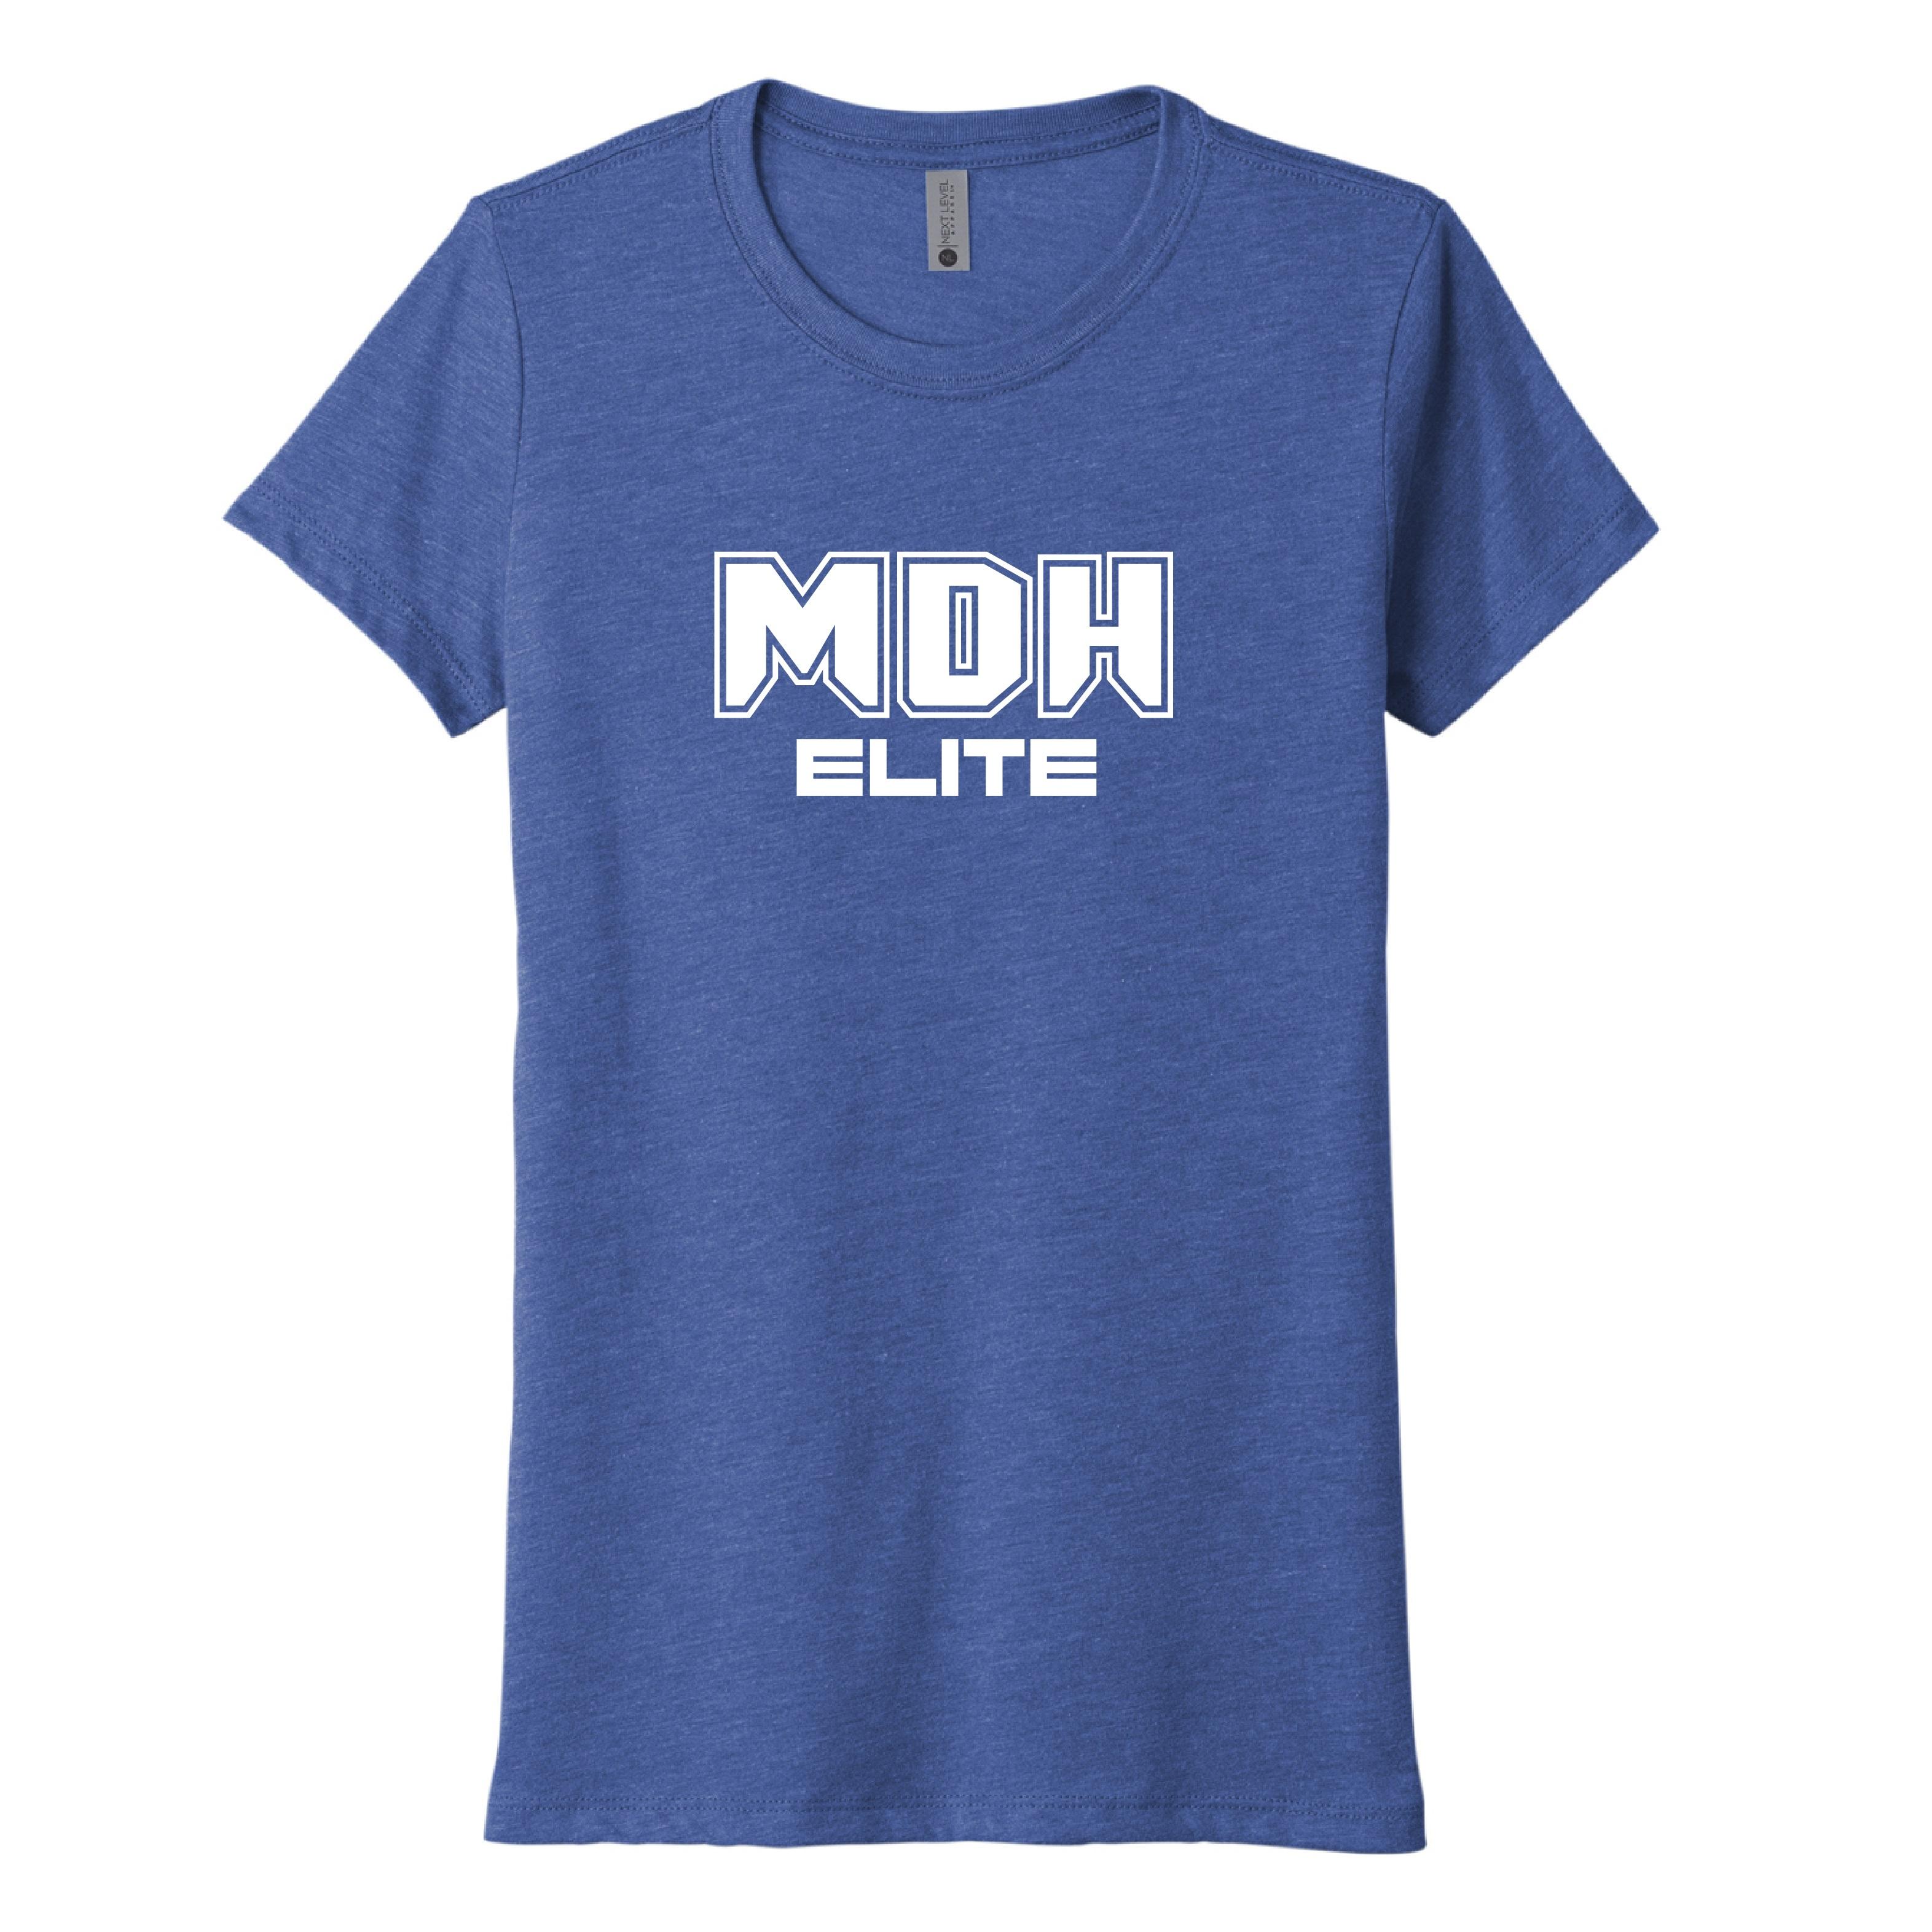 Next Level Women's Tri-Blend T-Shirt